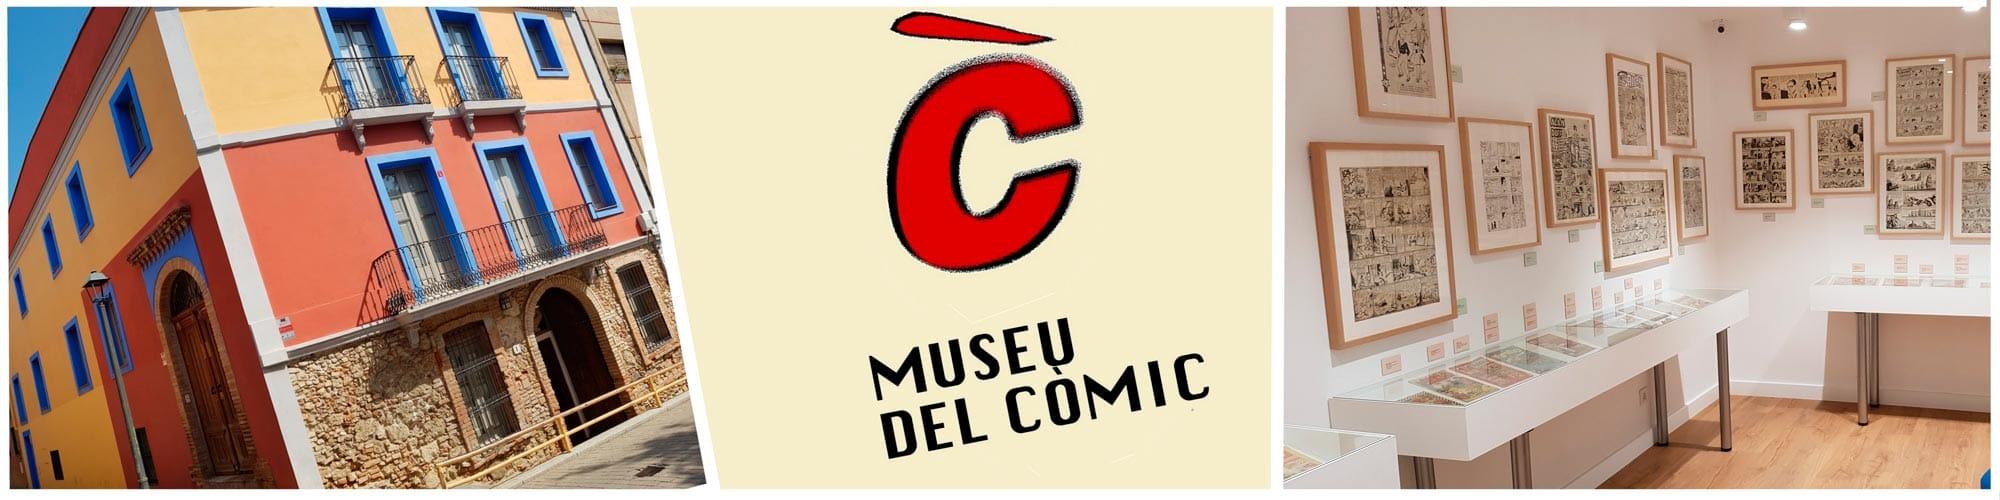 Museo del cómic: museo y colecciones